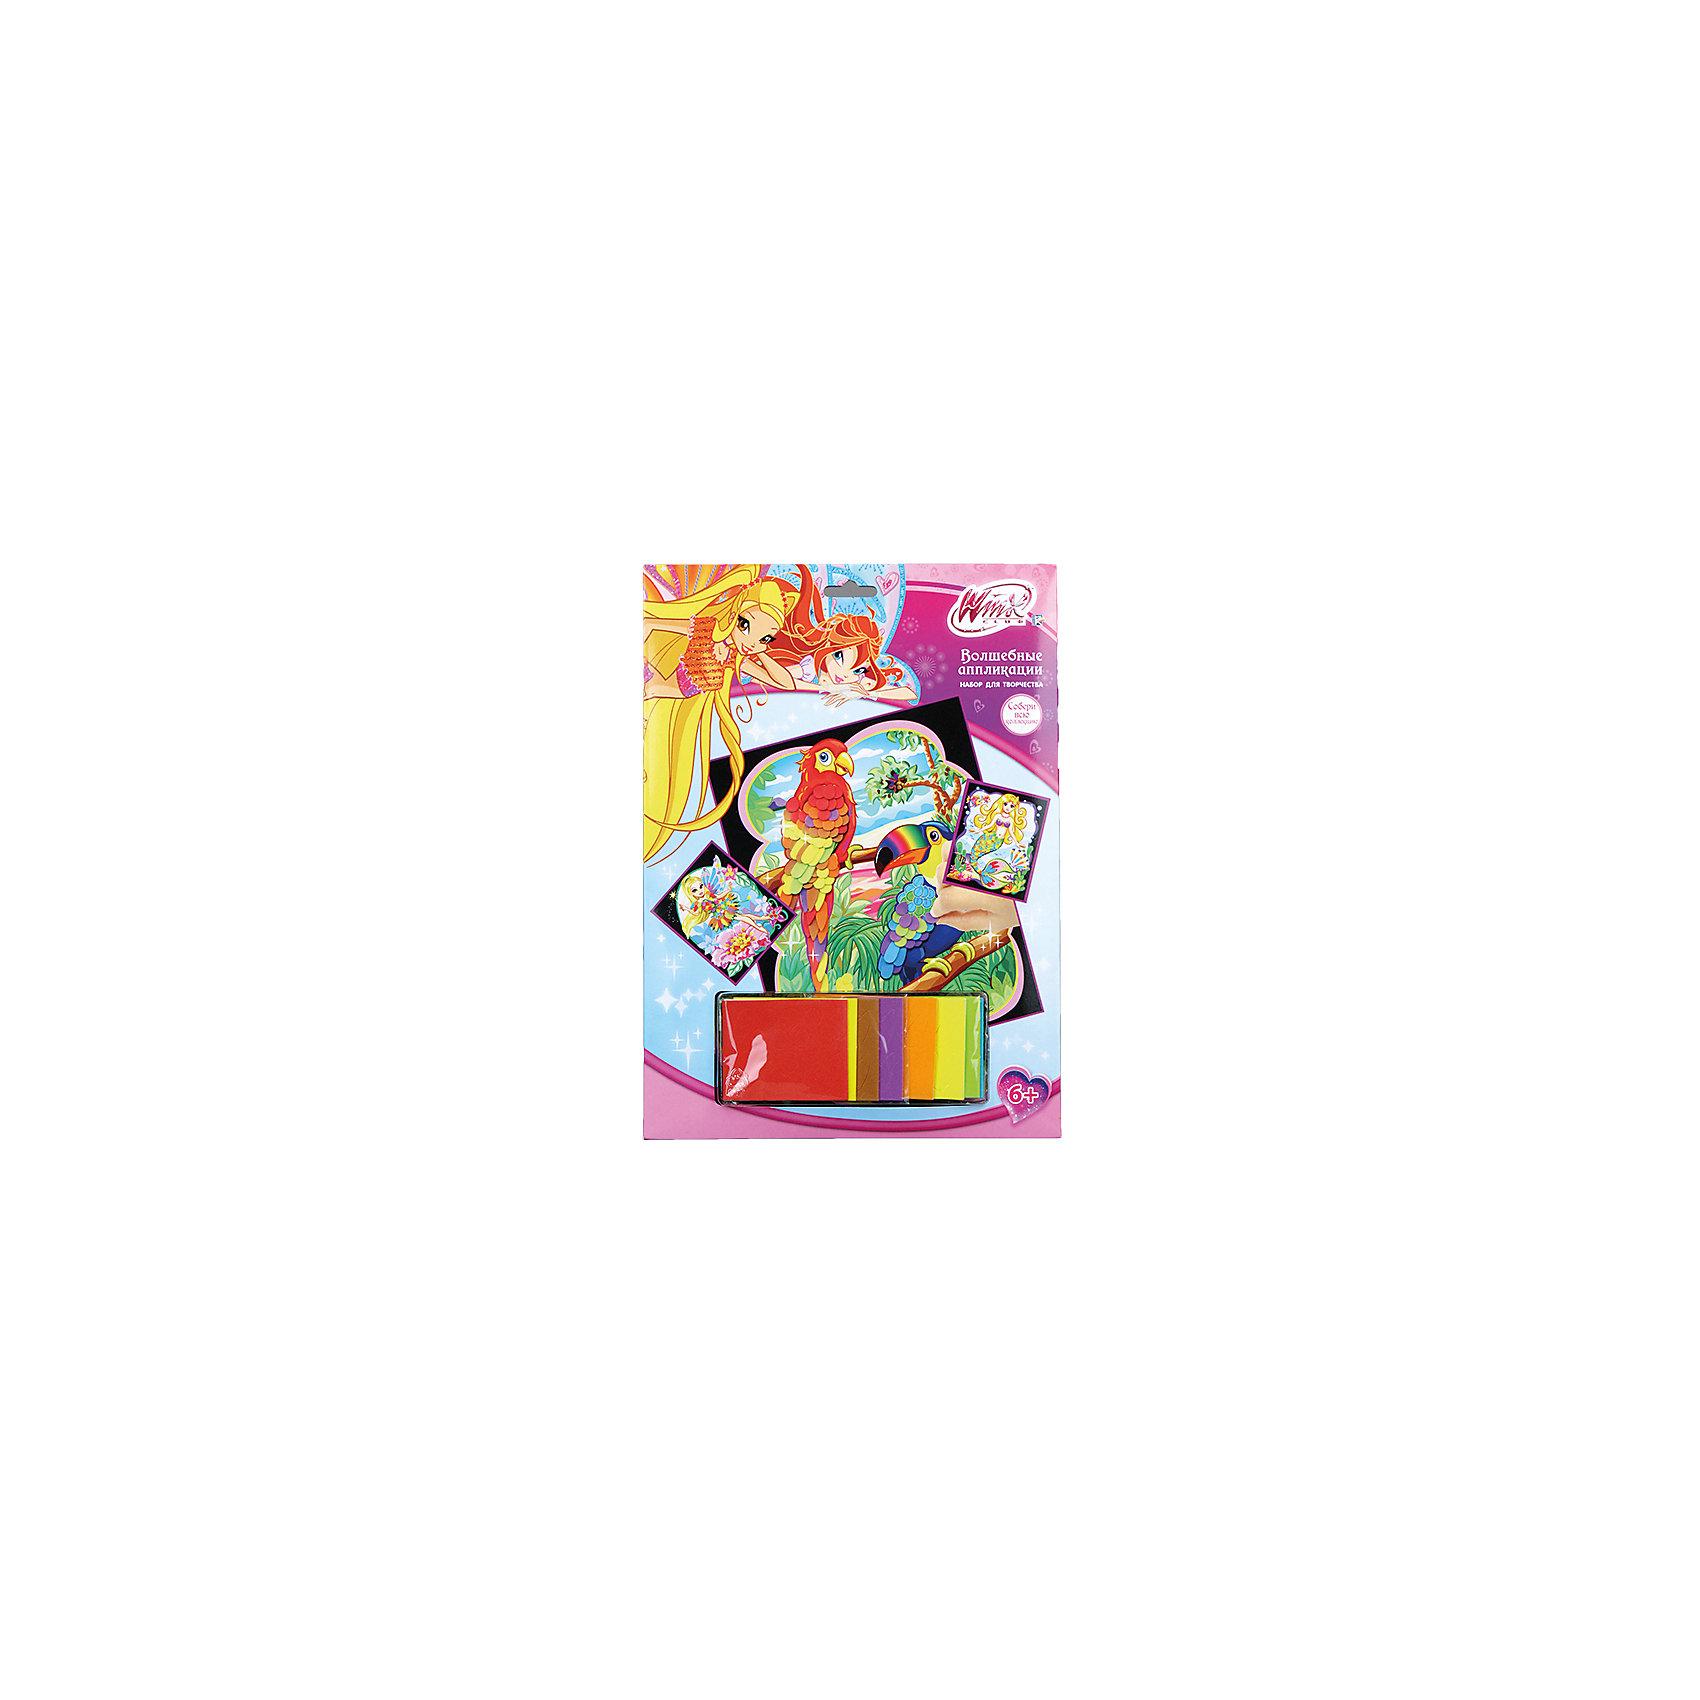 Набор для творчества Волшебные аппликации, Winx ClubВолшебные аппликации, Winx Club - увлекательный набор для творчества, который позволит своими руками создать красивую картинку с изображениями любимых персонажей из мультсериала Клуб Винкс. Аппликация проста в исполнении и не представляет сложностей для ребенка.<br>В комплект входит цветная основа с нанесенным рисунком и цветные наклейки, которые предлагается вклеить согласно схеме. Все элементы обладают клеевым слоем, легко приклеиваются и прочно держатся. Красочная картинка украсит комнату ребенка или станет подарком, сделанным собственными руками для друзей и родных. Работа с аппликацией развивает у ребенка цветовое восприятие, образно-логическое мышление, пространственное воображение и мелкую моторику.<br><br>Дополнительная информация:<br><br>- В комплекте: цветная картинка-основа, разноцветные наклейки.<br>- Материал: картон, бумага. <br>- Размер картинки: 32 х 23 х 1 см.<br>- Вес: 160 гр.<br><br>Набор для творчества Волшебные аппликации, Winx Club, можно купить в нашем интернет-магазине.<br><br>Ширина мм: 320<br>Глубина мм: 230<br>Высота мм: 10<br>Вес г: 160<br>Возраст от месяцев: 60<br>Возраст до месяцев: 108<br>Пол: Женский<br>Возраст: Детский<br>SKU: 4290346